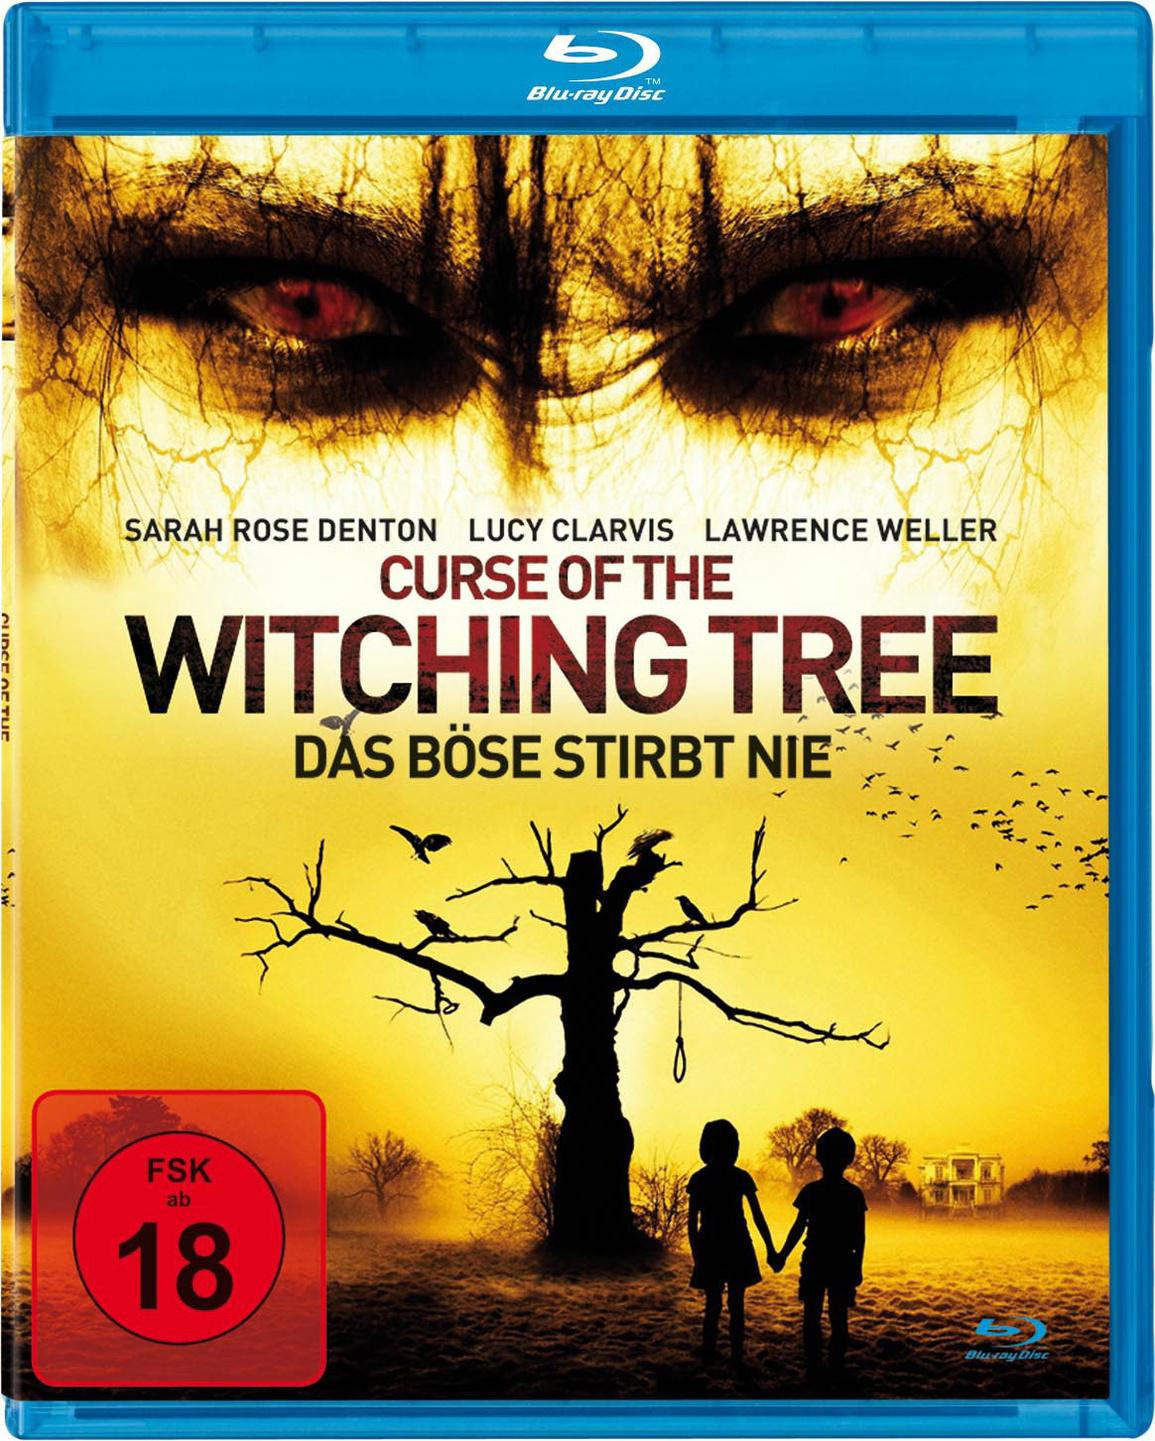 Curse of the Witching Tree - Das Böse stirbt nie